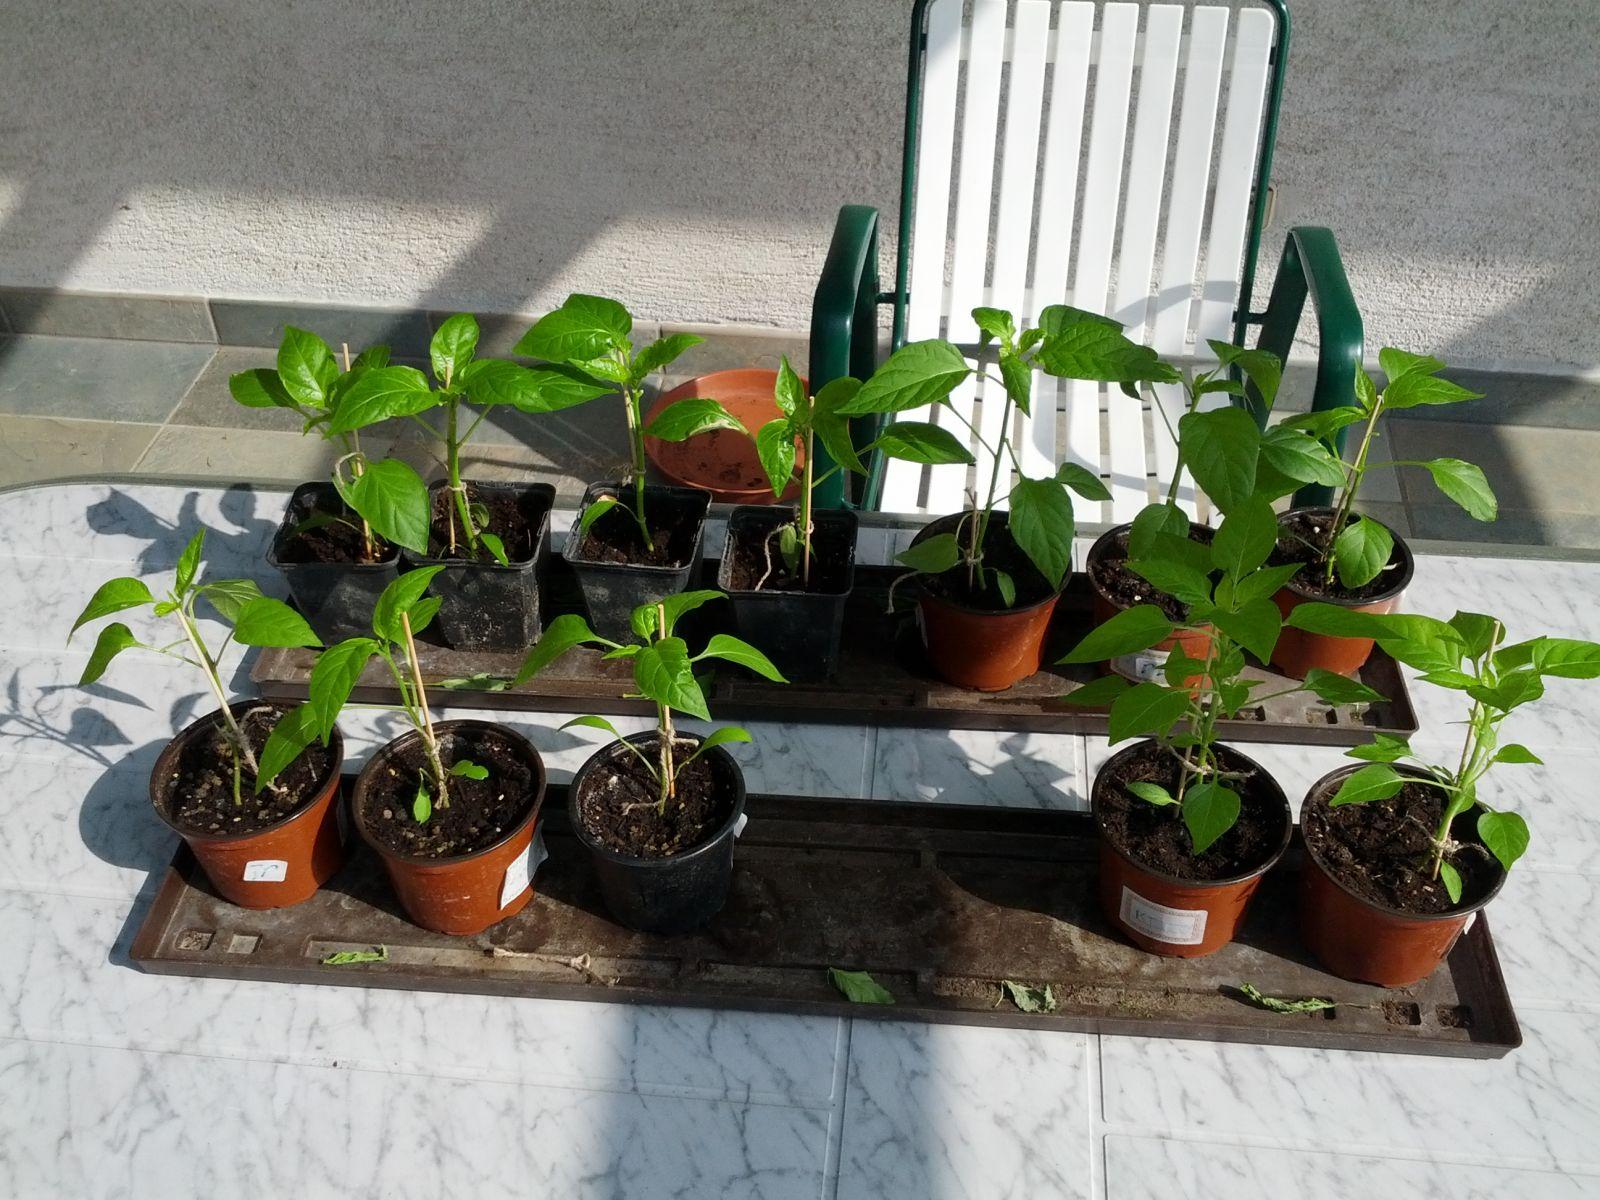 meine chili pflanzen